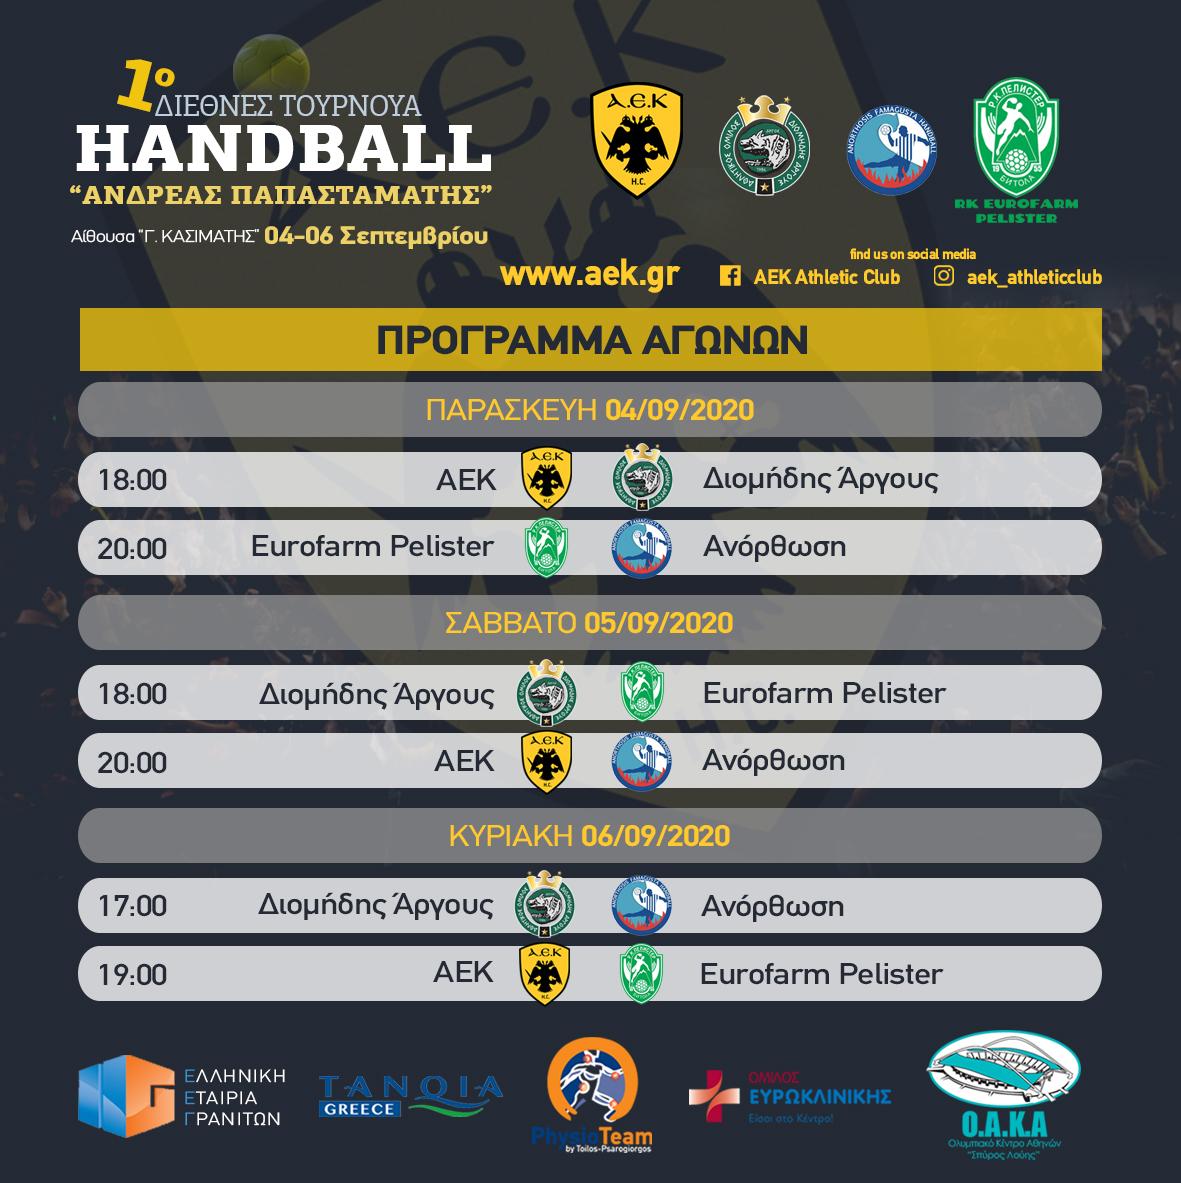 1ST HANDBALL TOURNAMENT_SCHEDULE_GR